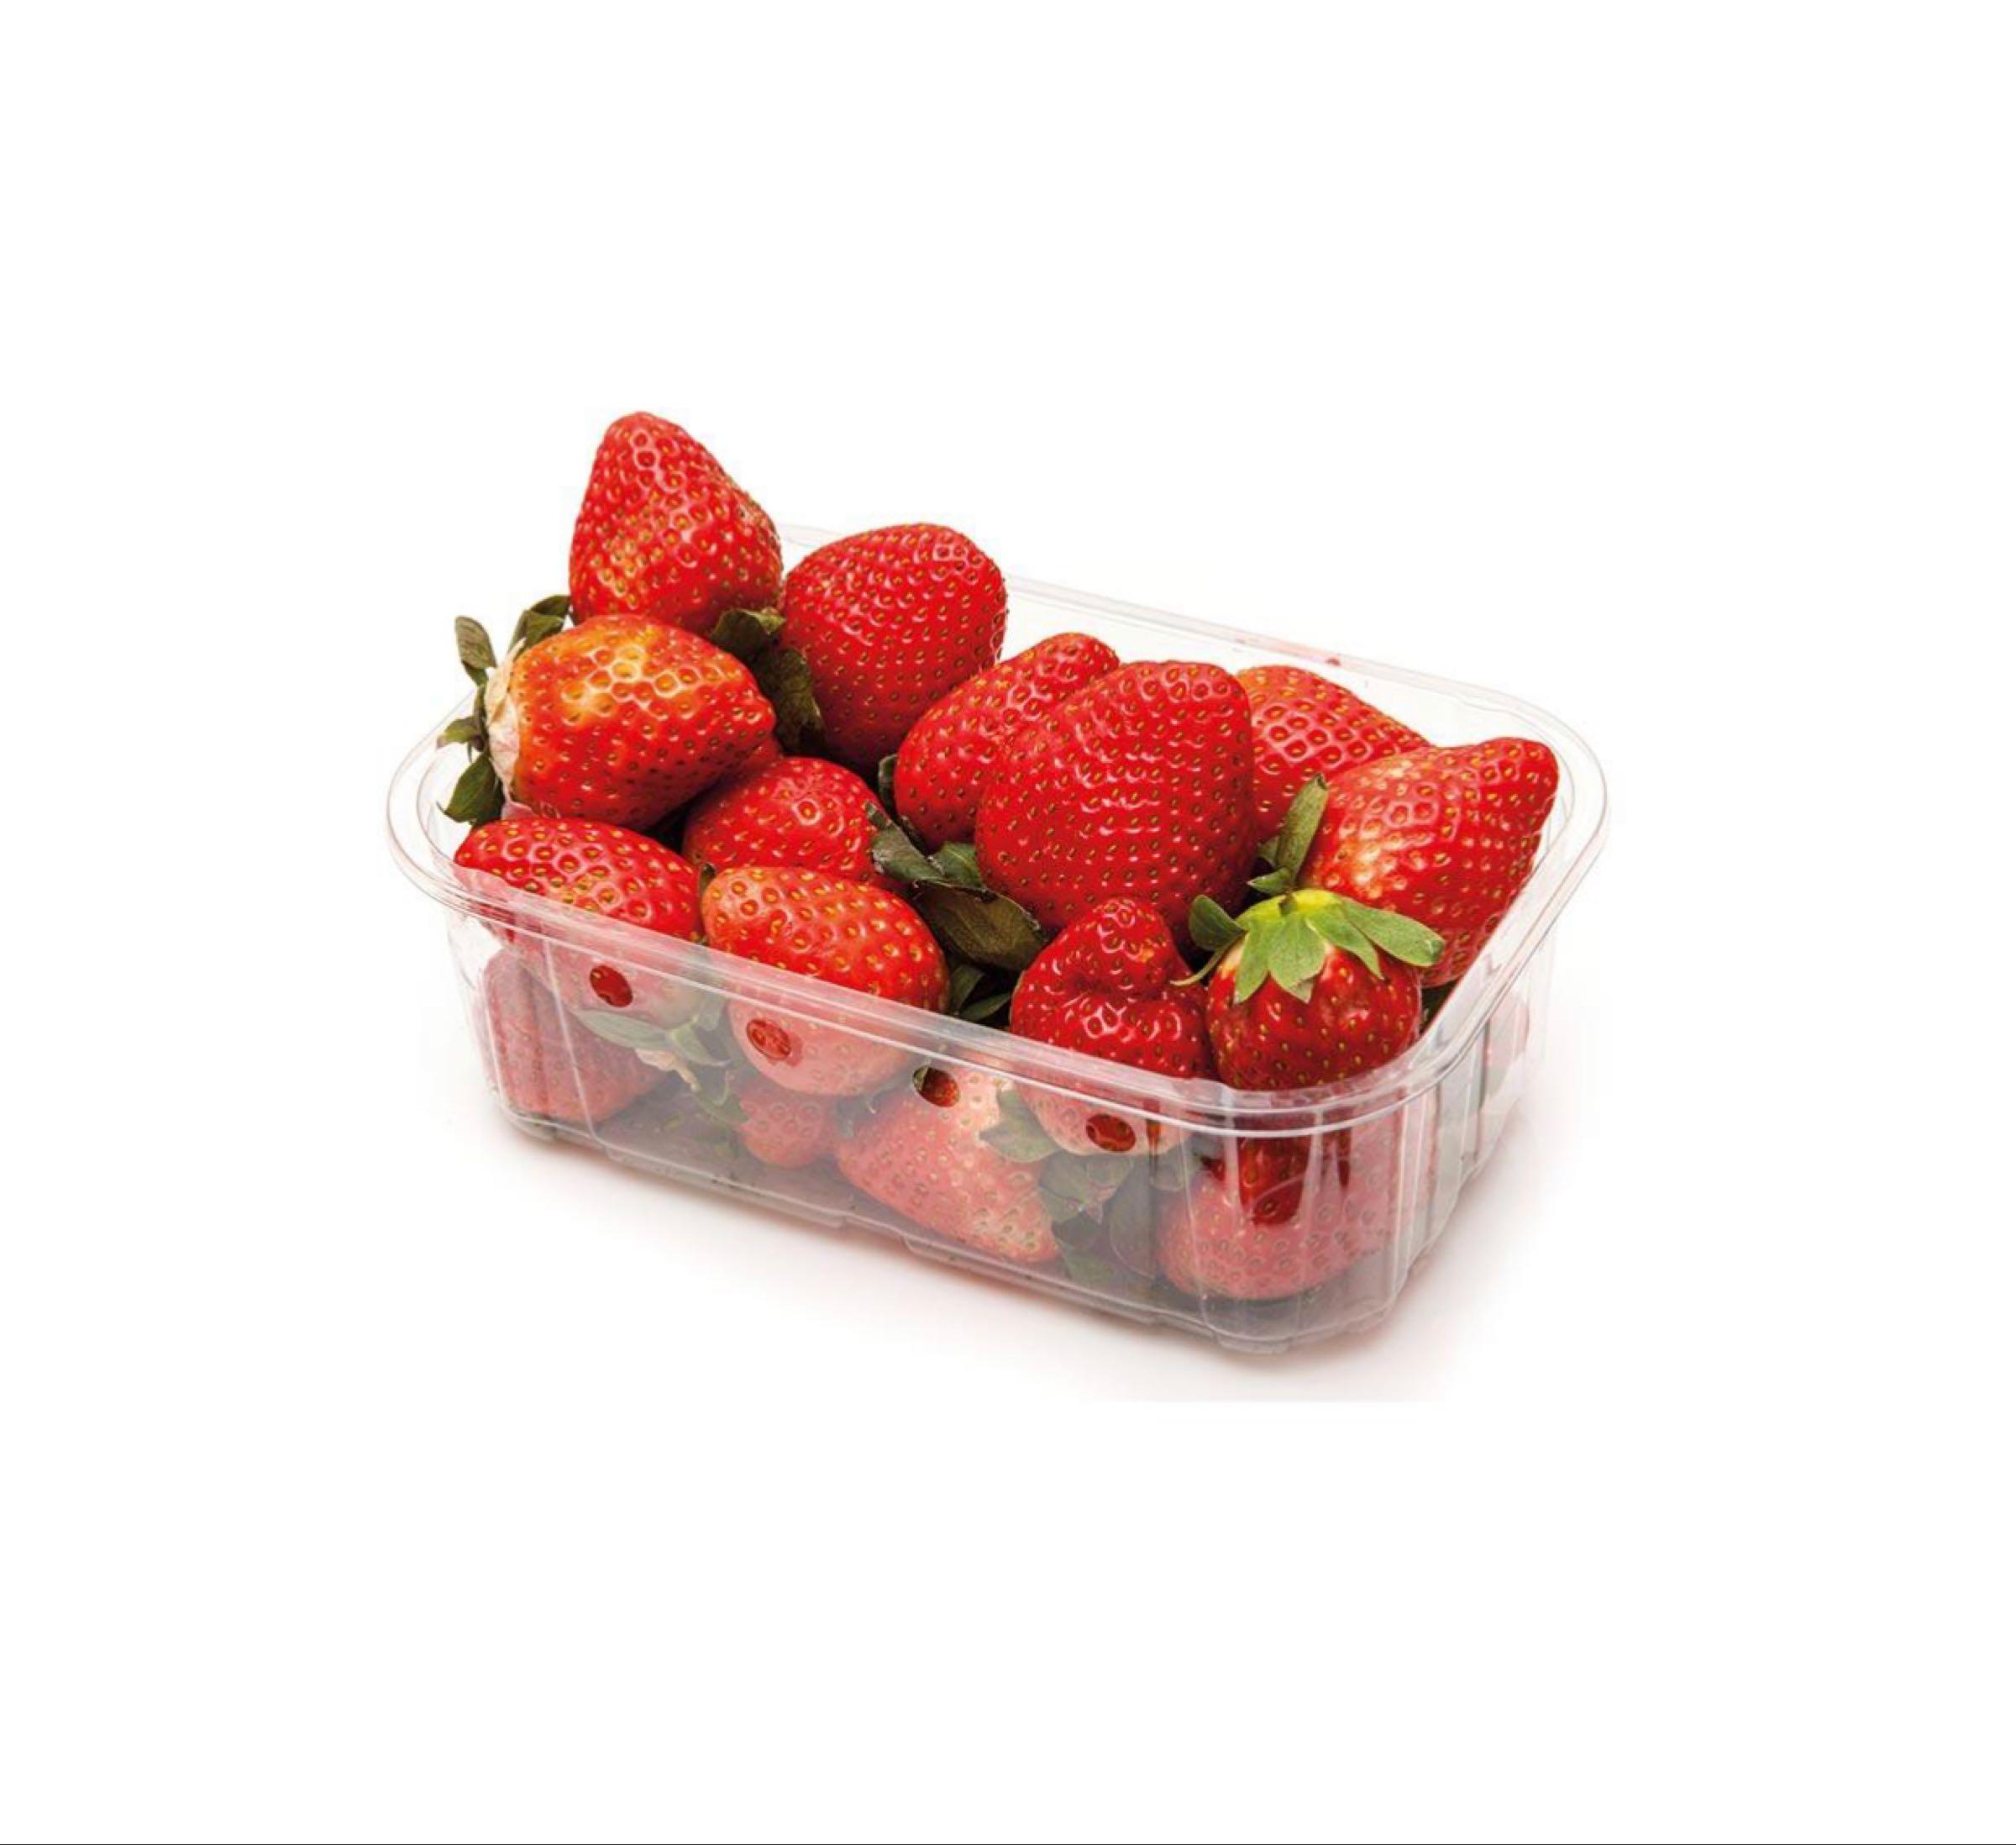 250g. Fresh strawberries